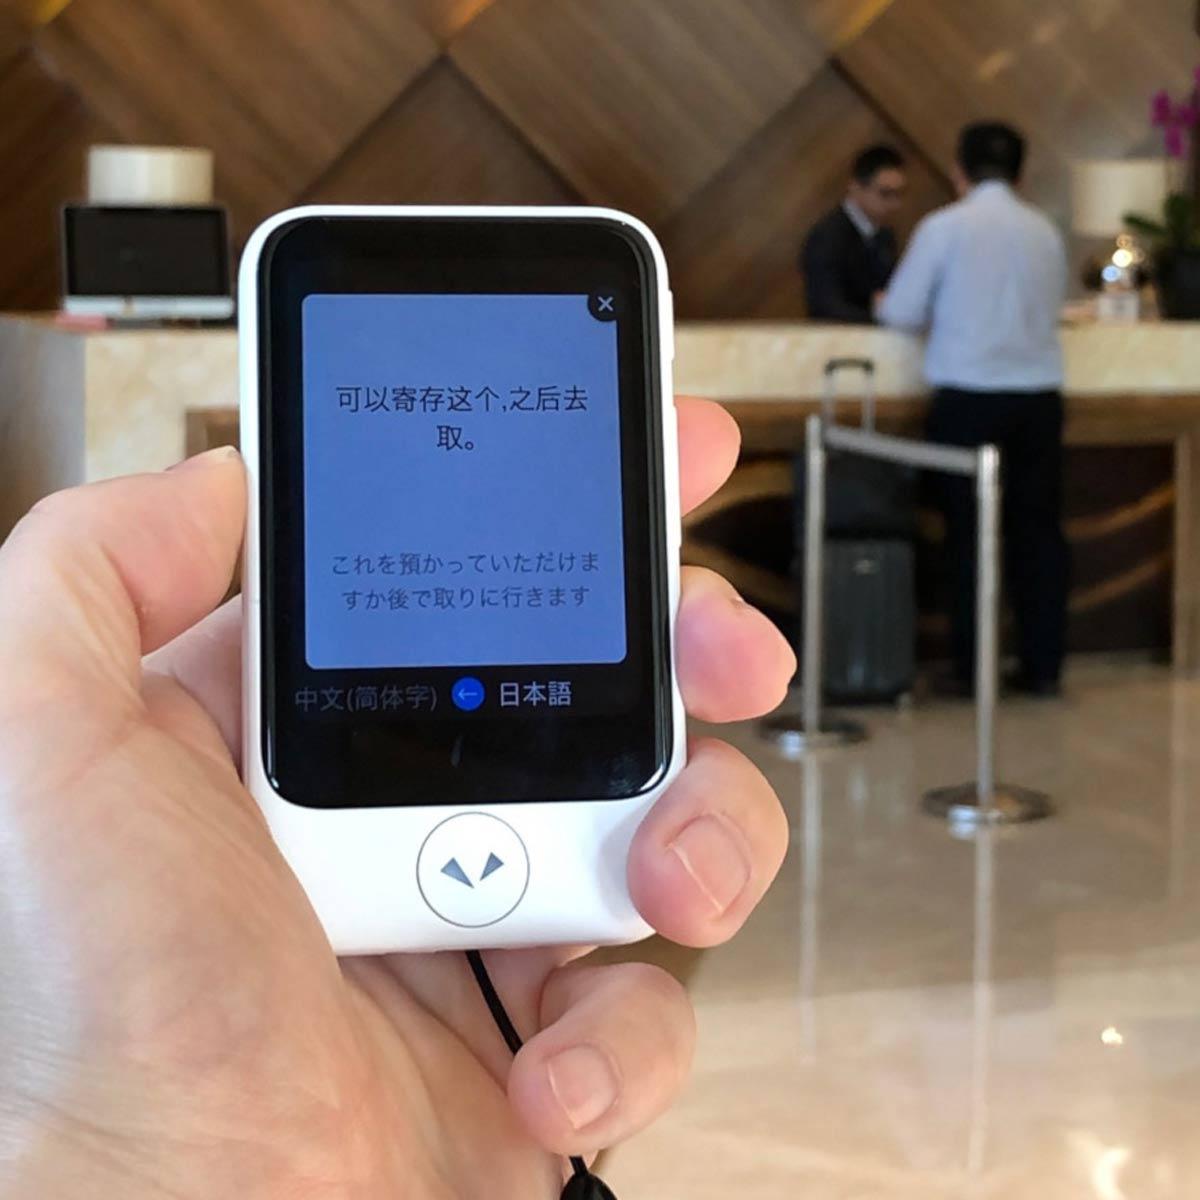 音声翻訳機「ポケトーク S」の実力を中国で検証! ほぼ英語が通じない地域での実用度は?